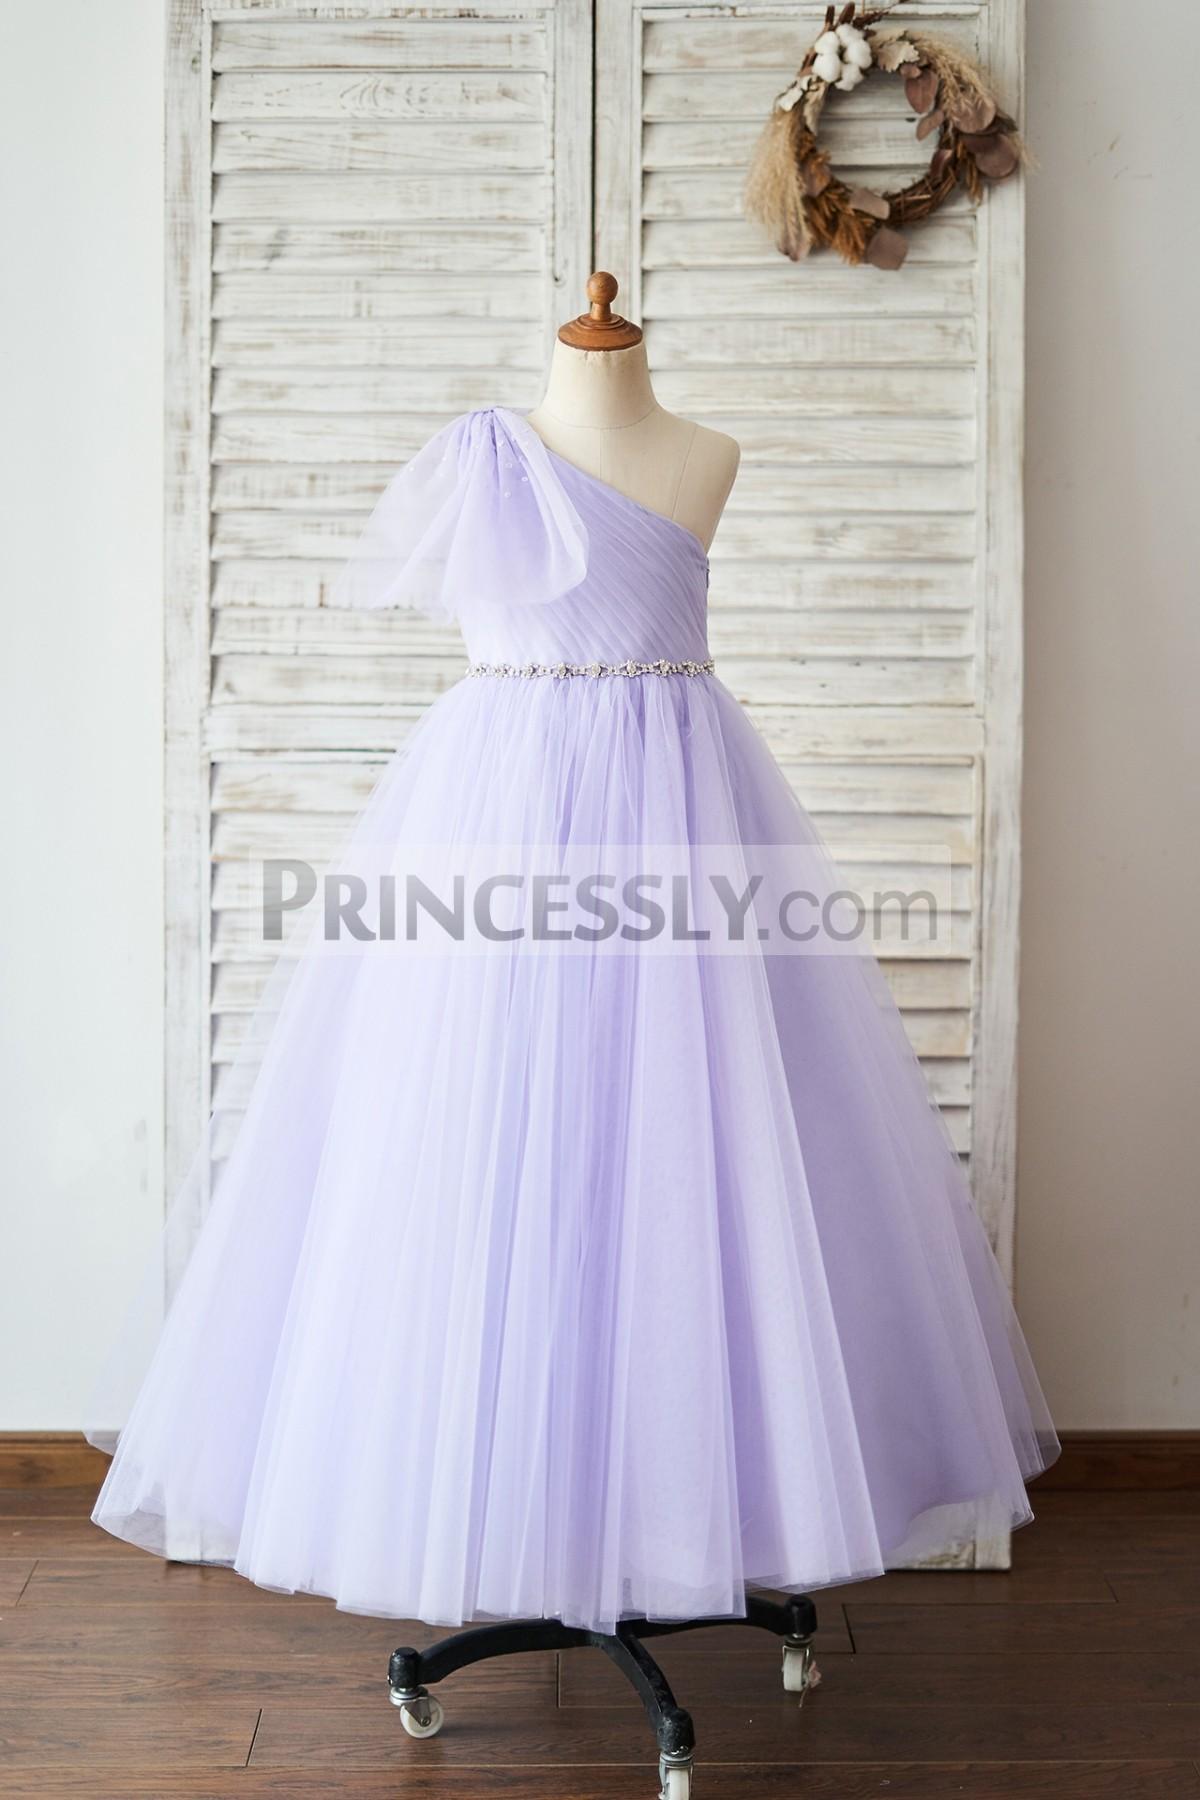 Princessly.com-K1004047-One Shoulder Beaded Lavender Tulle Wedding Flower Girl Dress-31